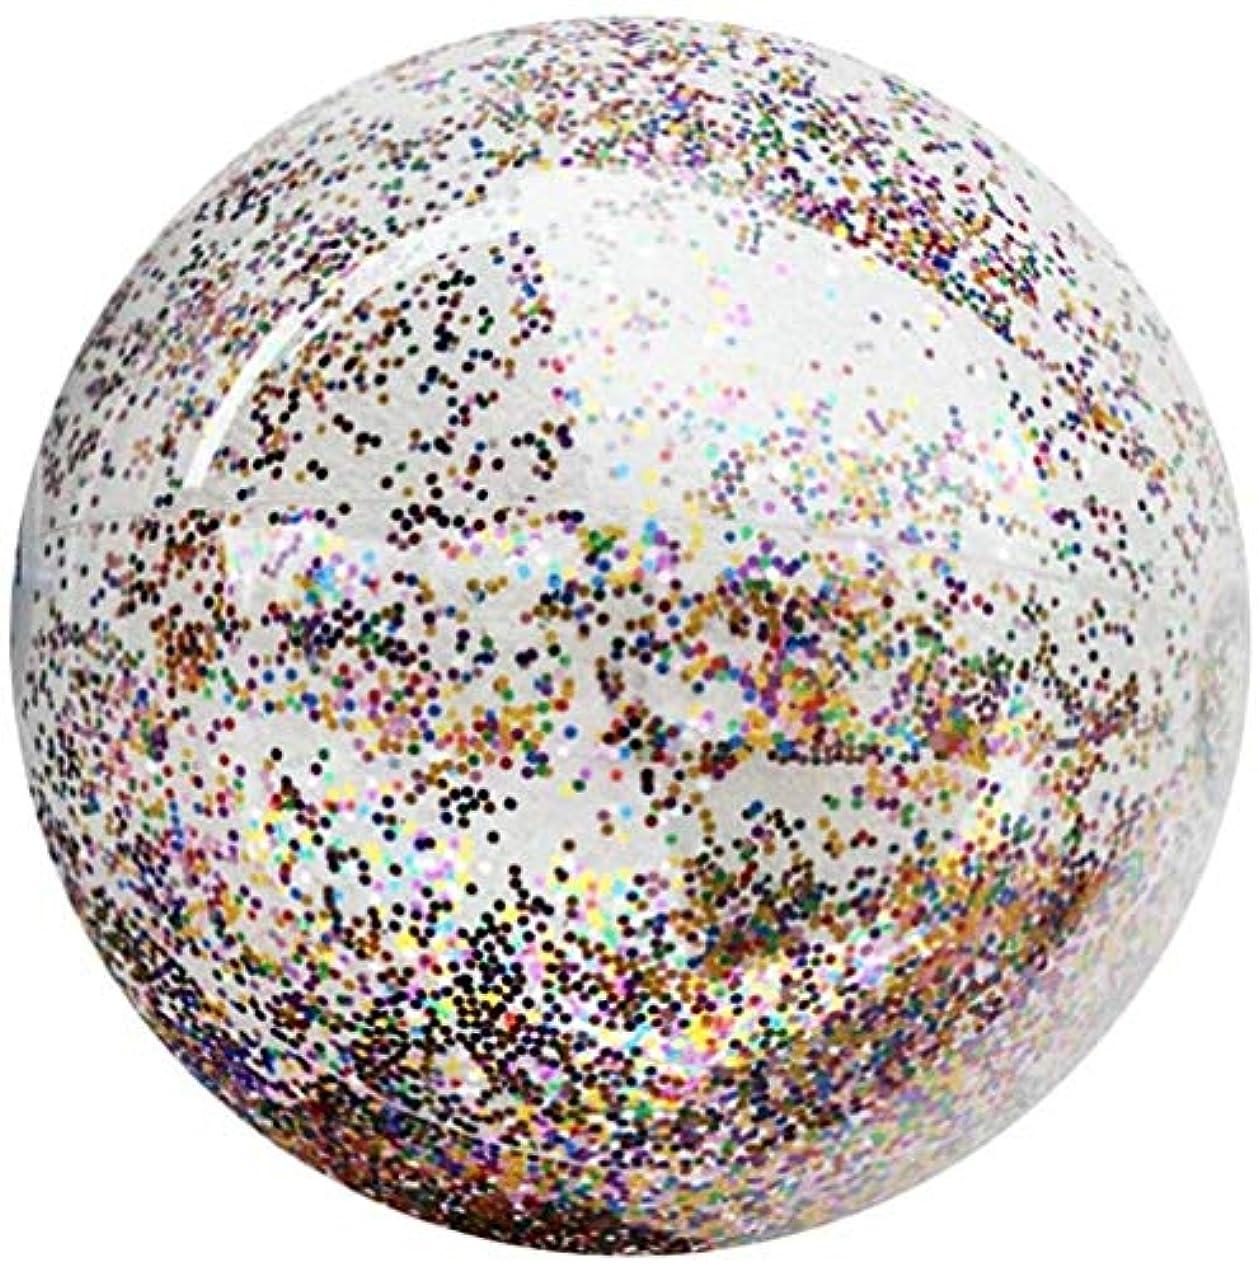 郡重量マーガレットミッチェルHLD 24インチビーチボール透明スパンコールバルーンスイミングボール - プールおもちゃのためにキッズ、キッズ大インフレータブルビーチボール、ビーチおもちゃ、夏のおもちゃ、夏の誕生日パーティーの好意のために